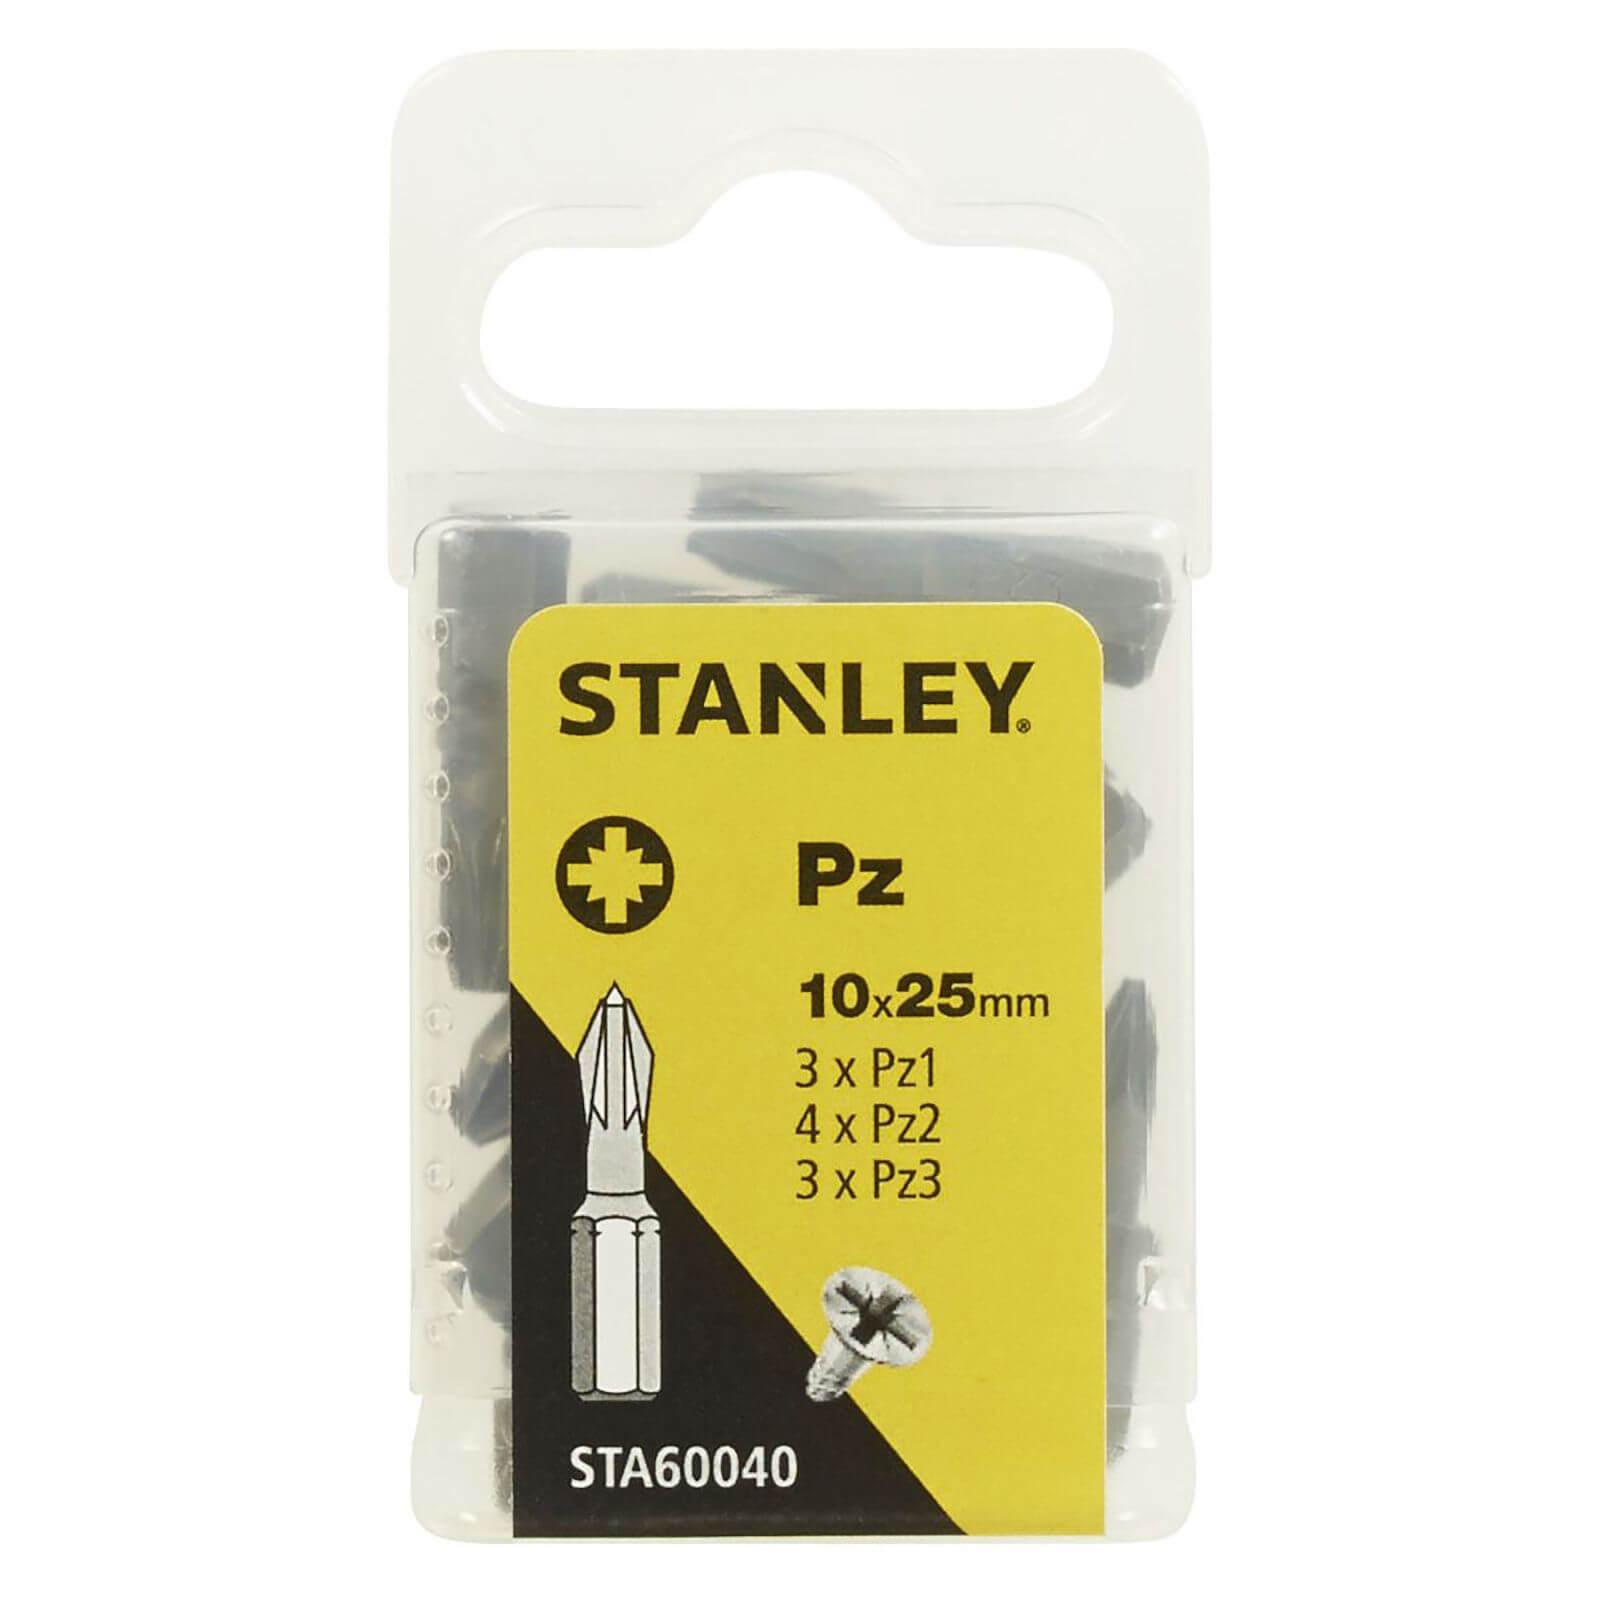 Stanley Fatmax 10Pc Mixed Pozi 25mm bits - STA60040-XJ